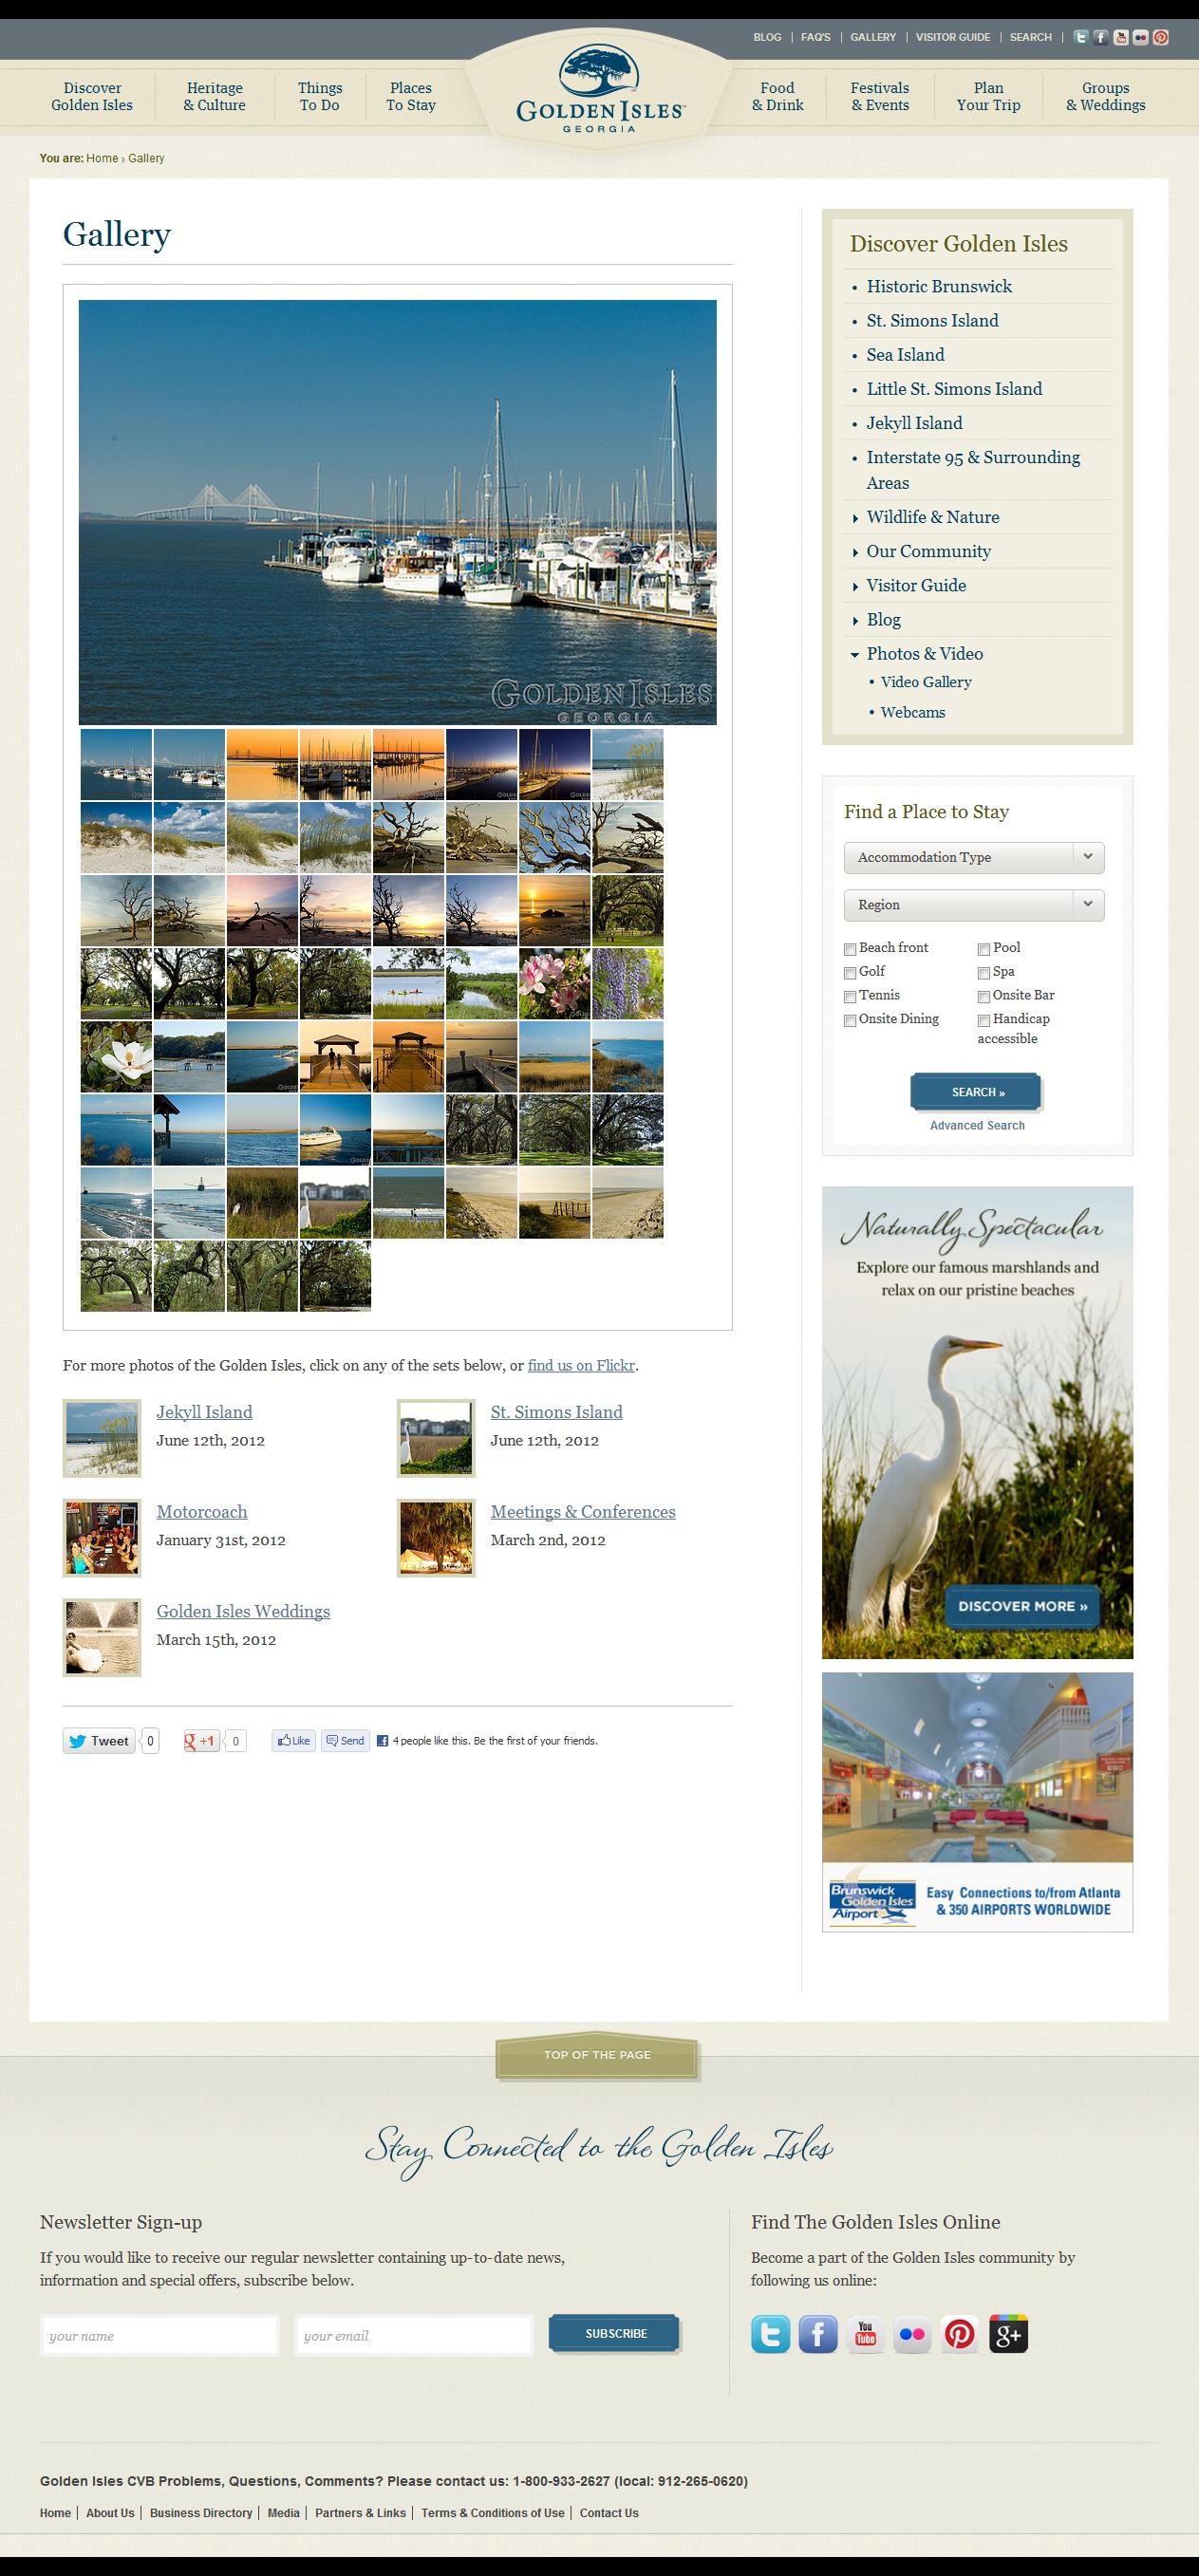 Web Design Inspiration - www.goldenisles.com/blog/gallery/photos